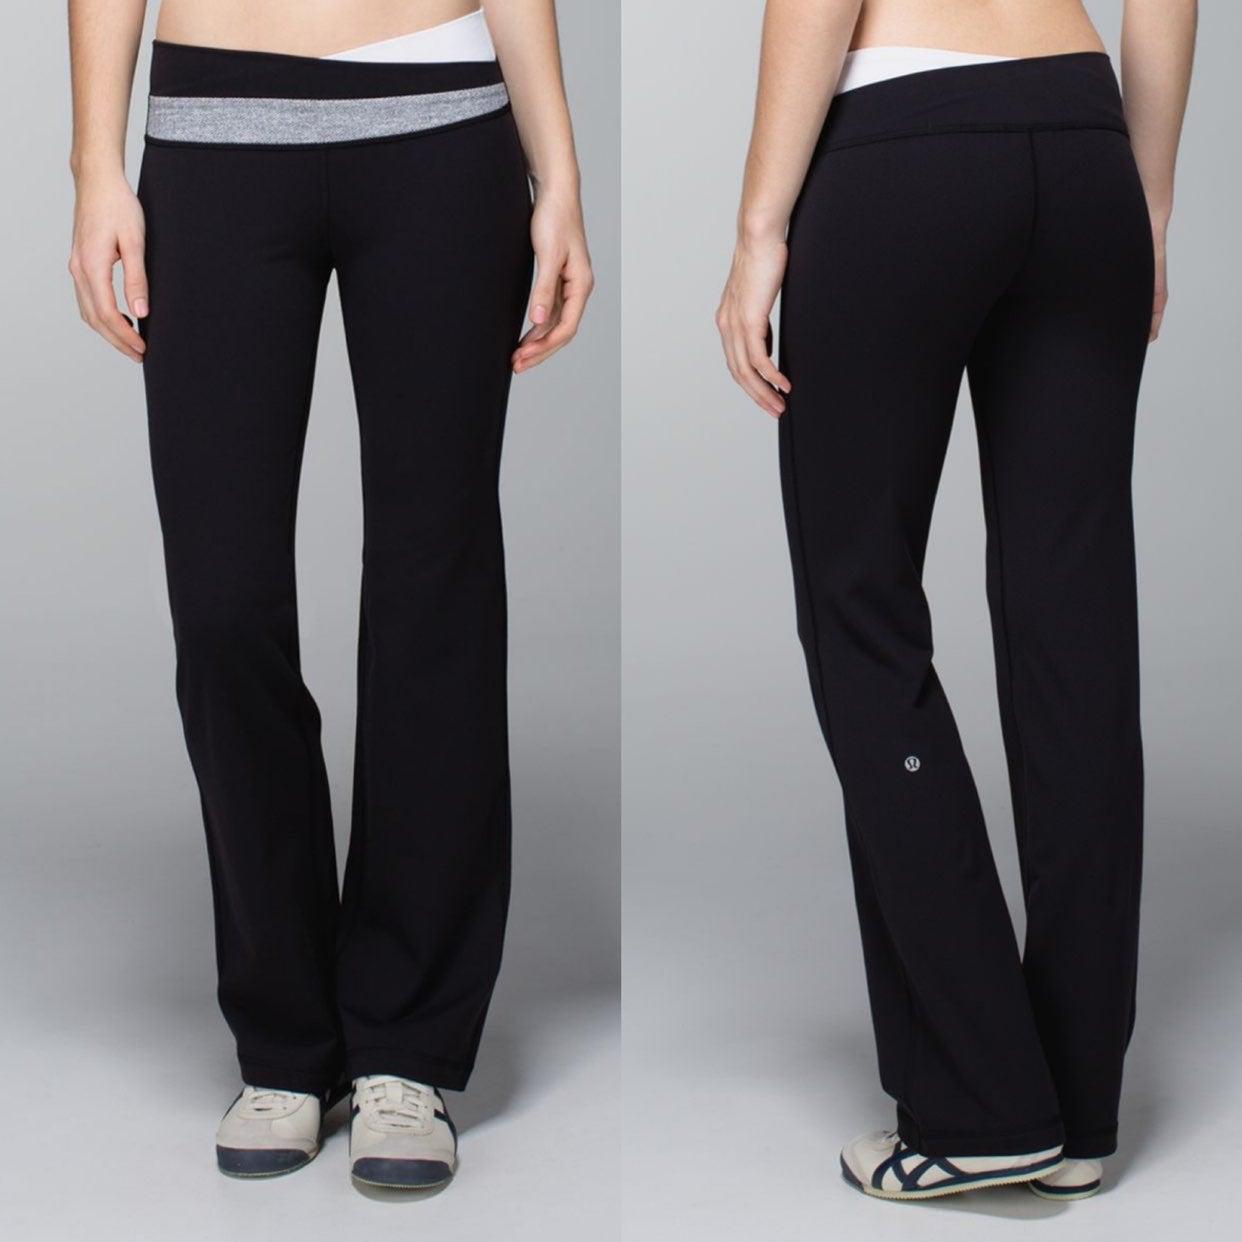 Lululemon Gray Astro Pants with Herringb